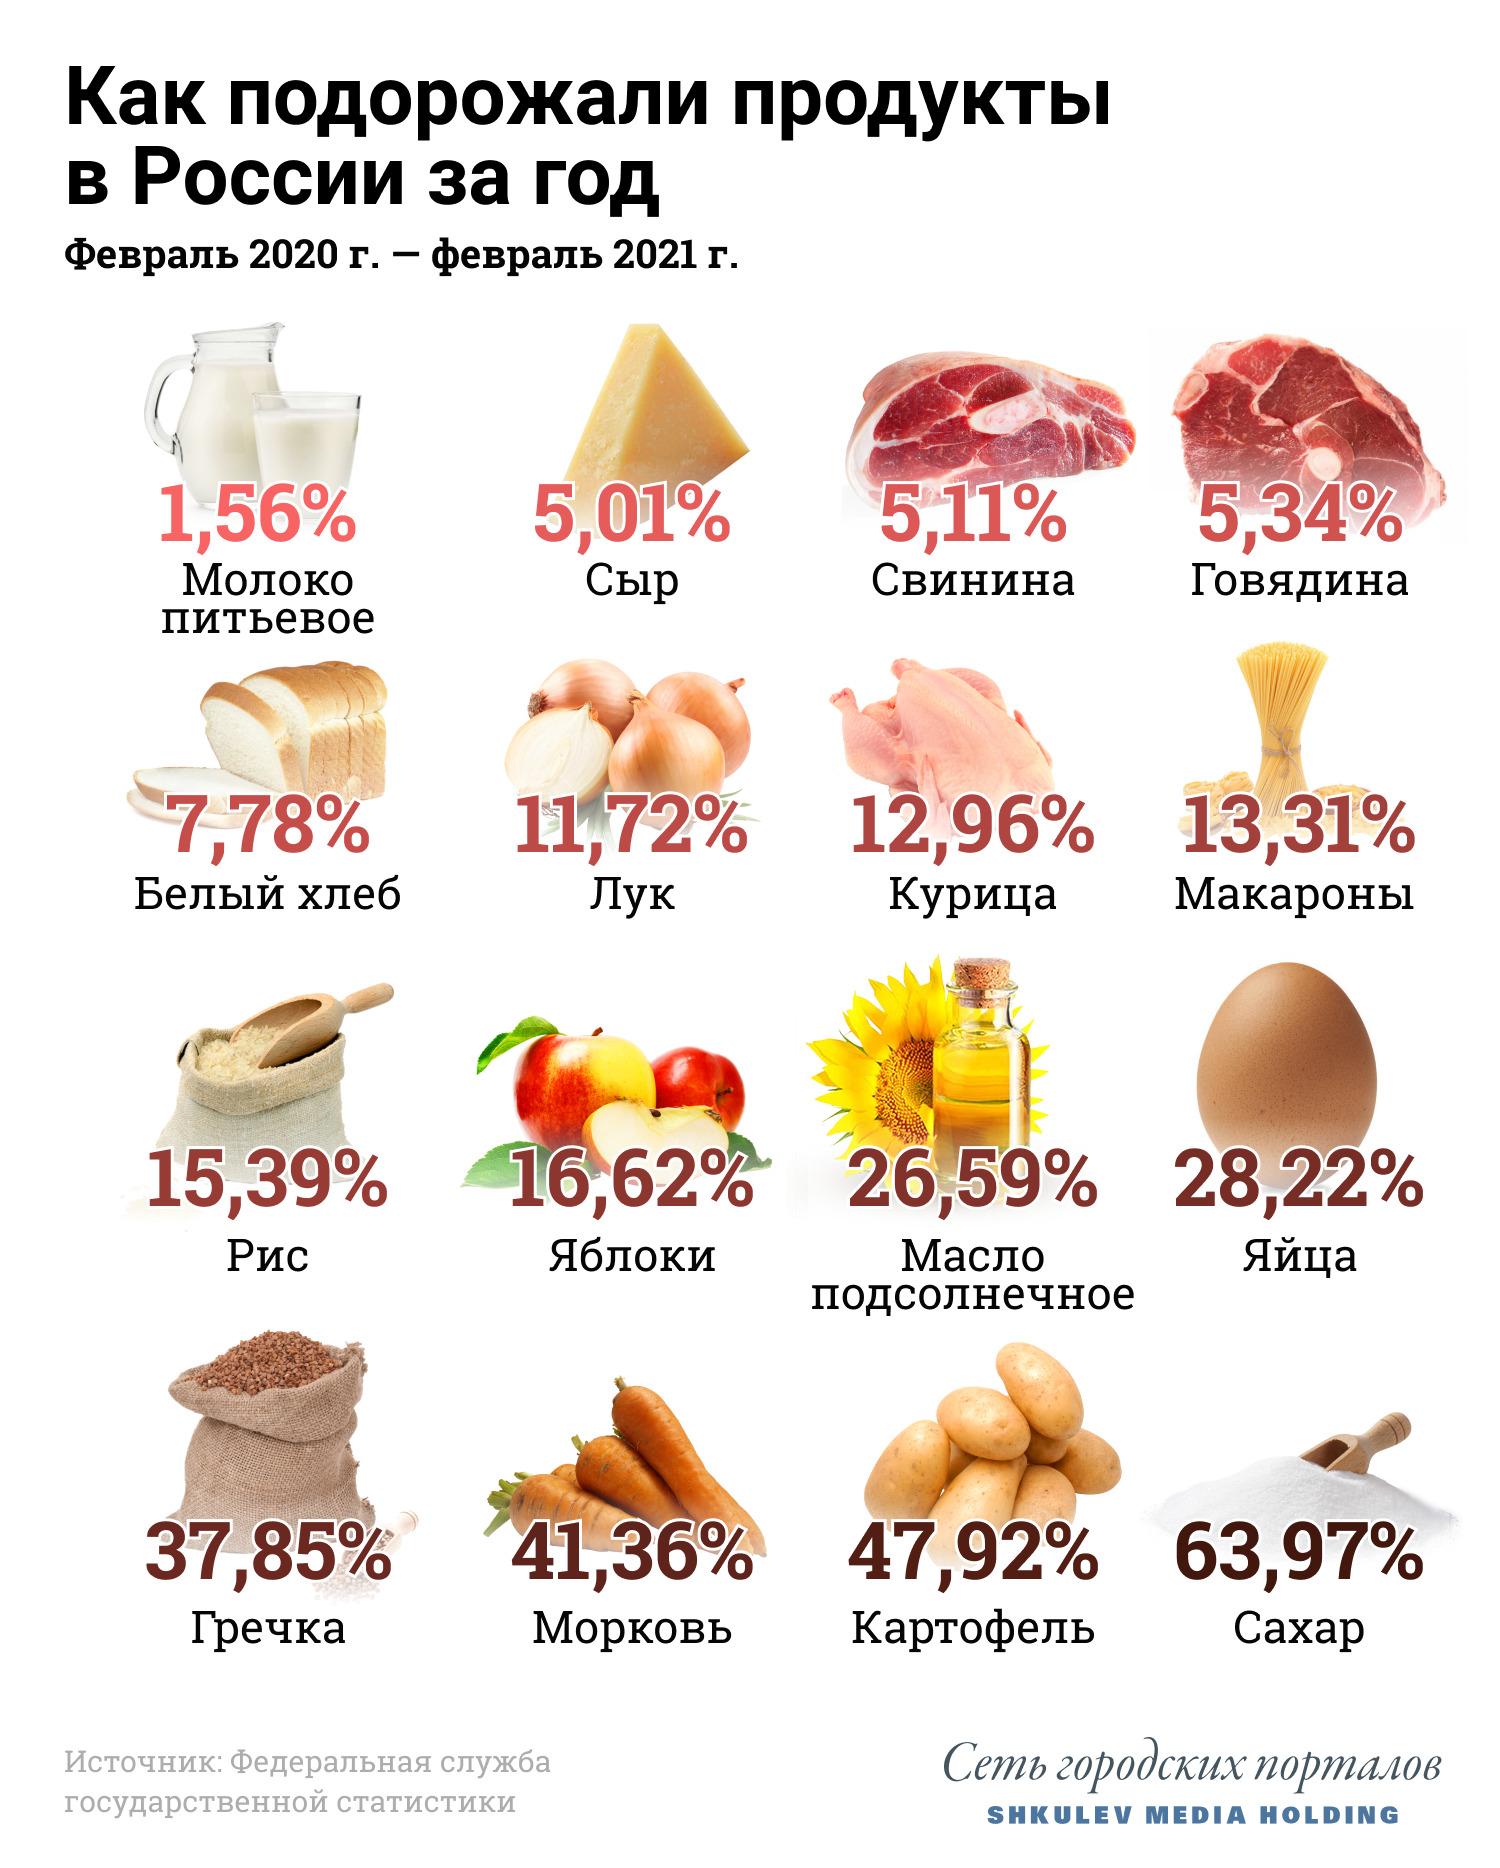 За год продукты в России подорожали в среднем на 7%